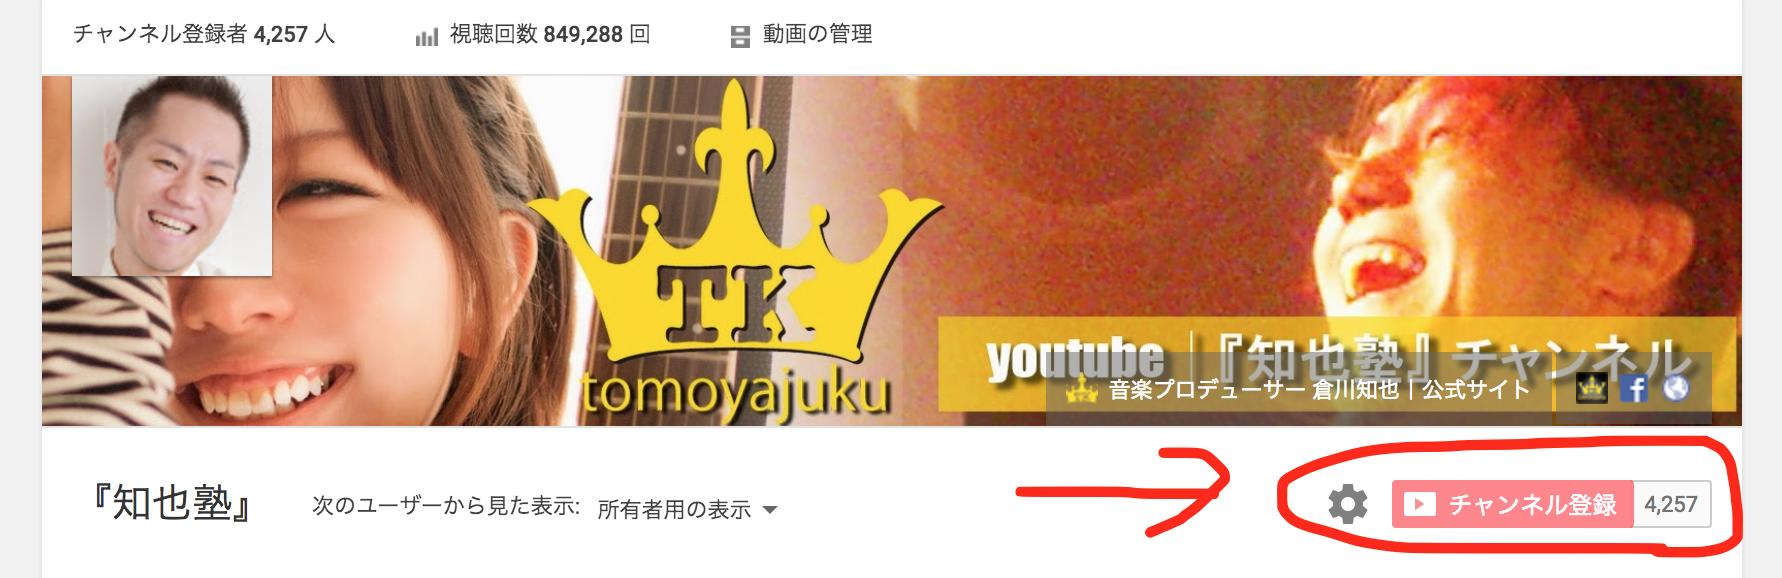 知也塾|YouTube登録者様数2018年2月